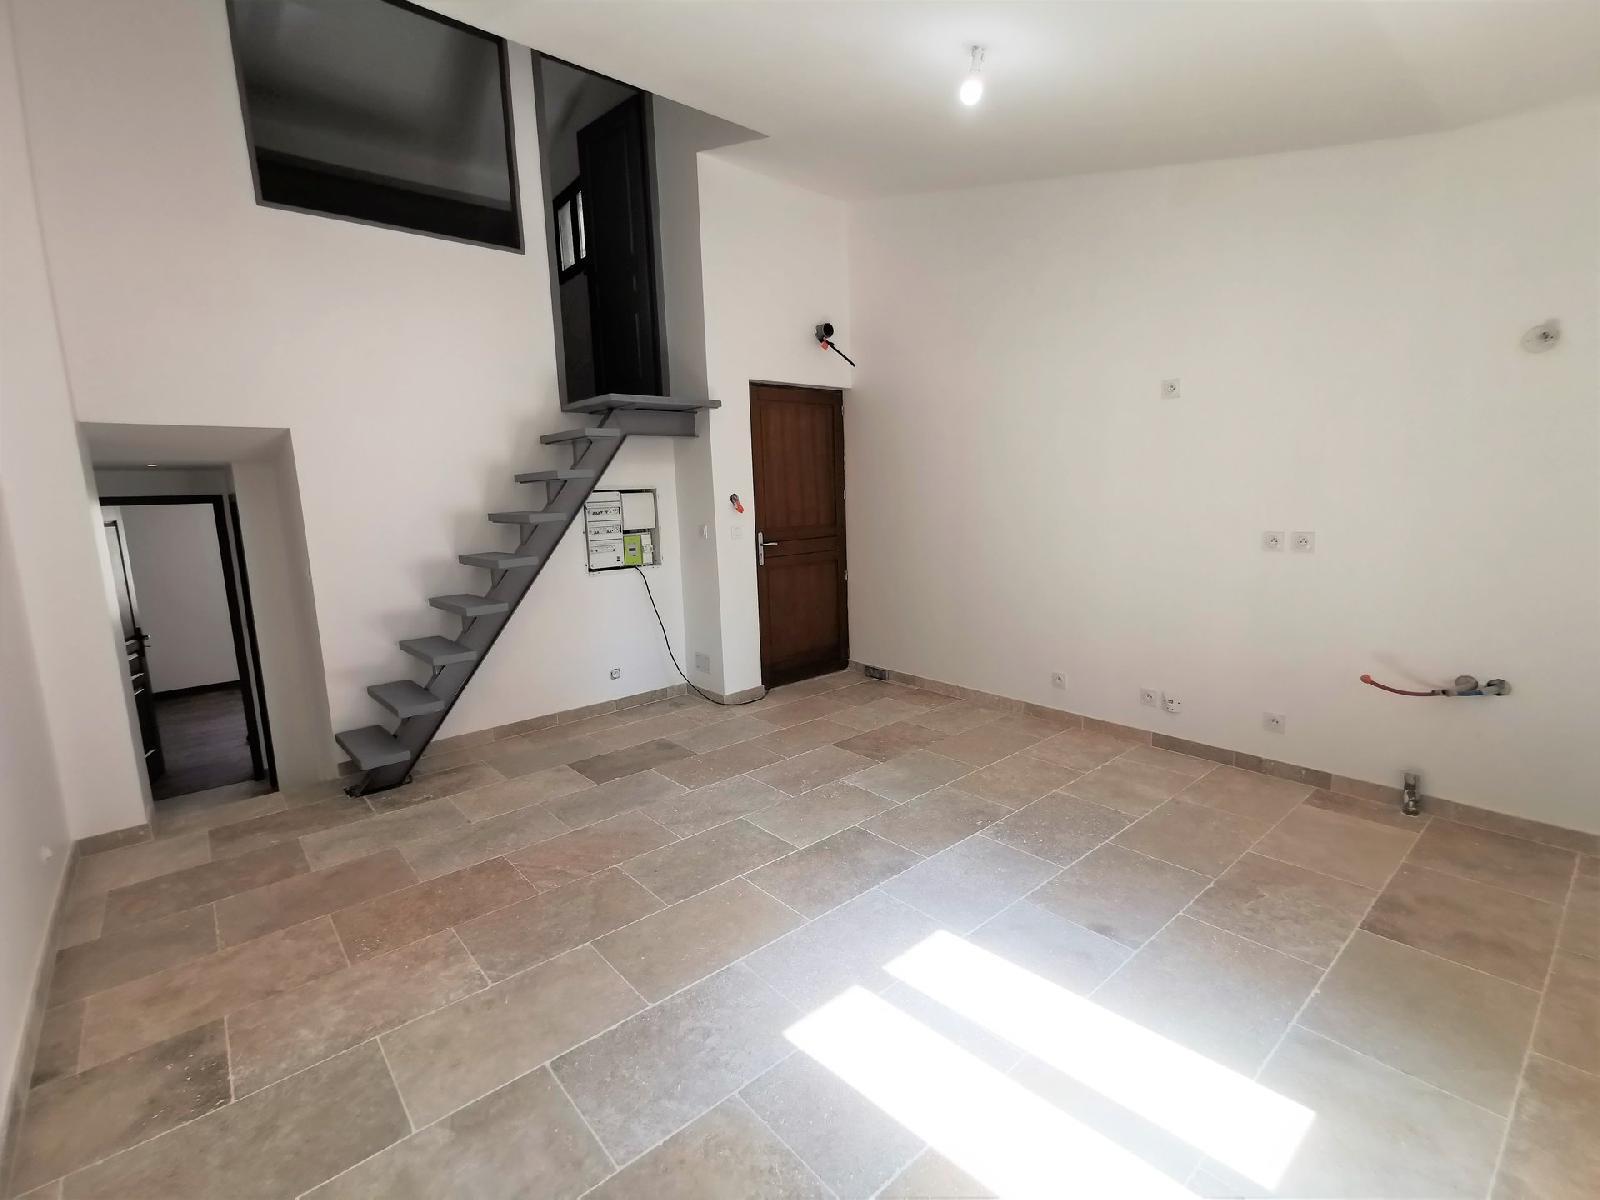 Appartement de type 3 en duplex sur Cadenet